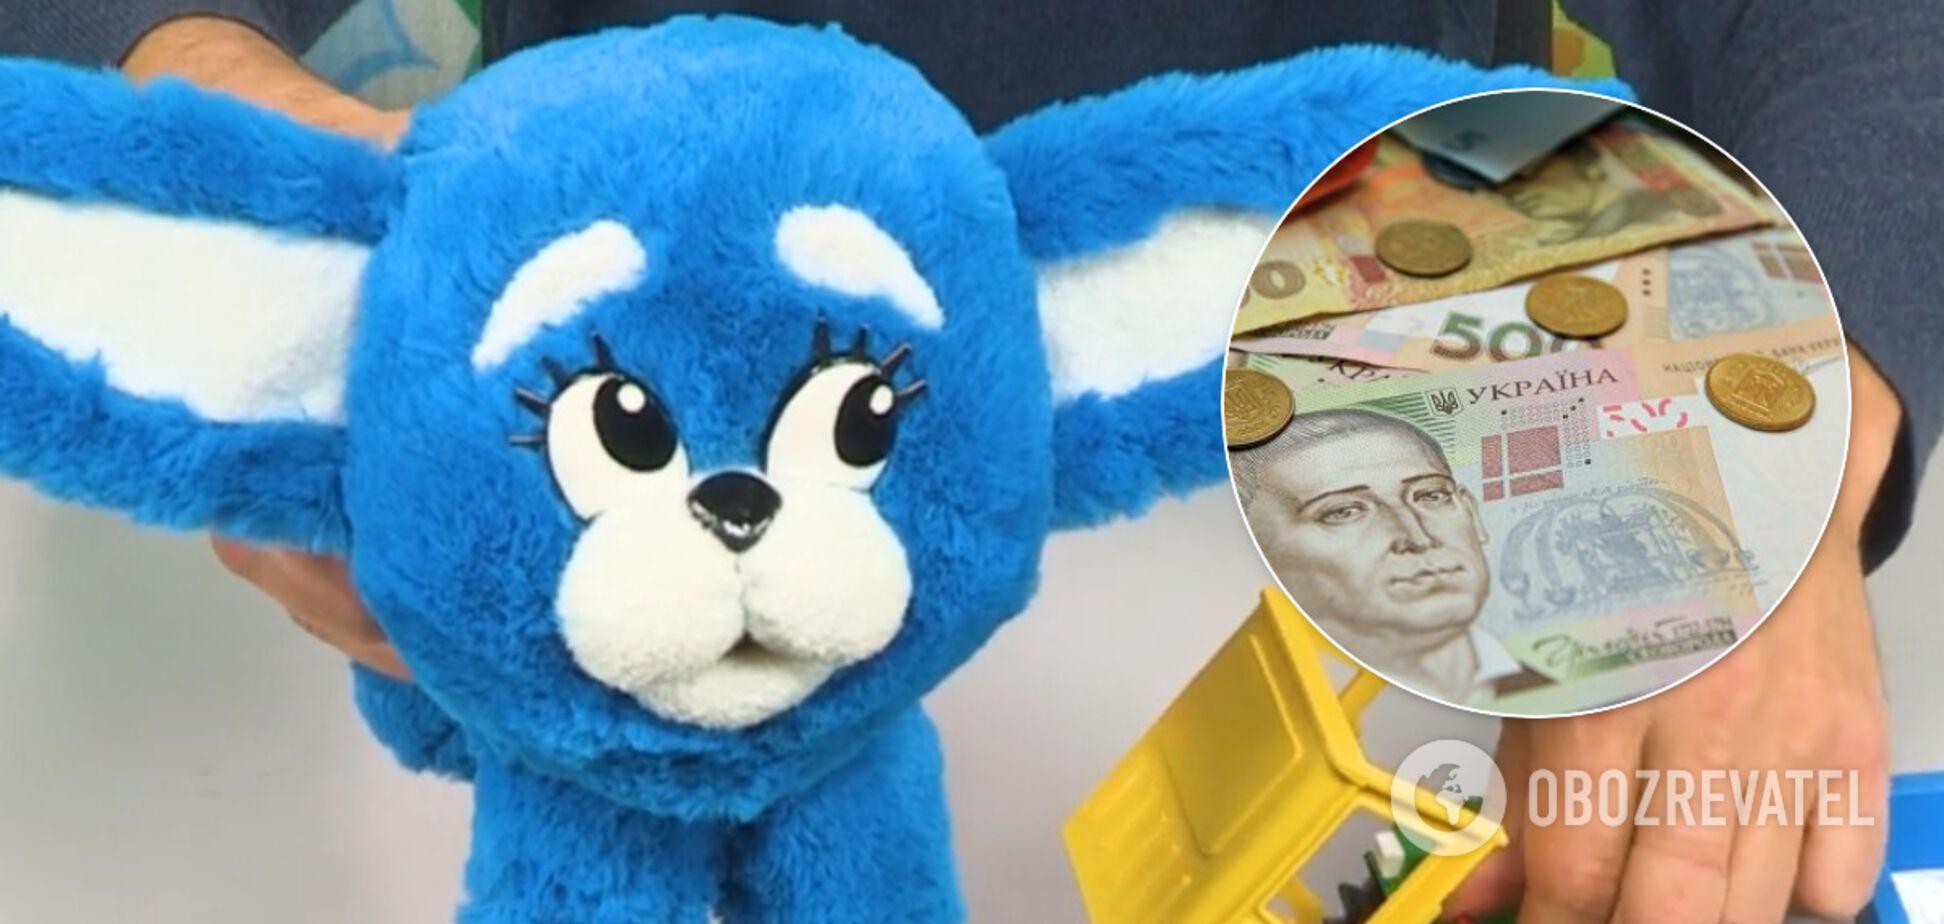 Украина потратила 13 млн на мультик для детей 'Кузюка': в сети возмущены